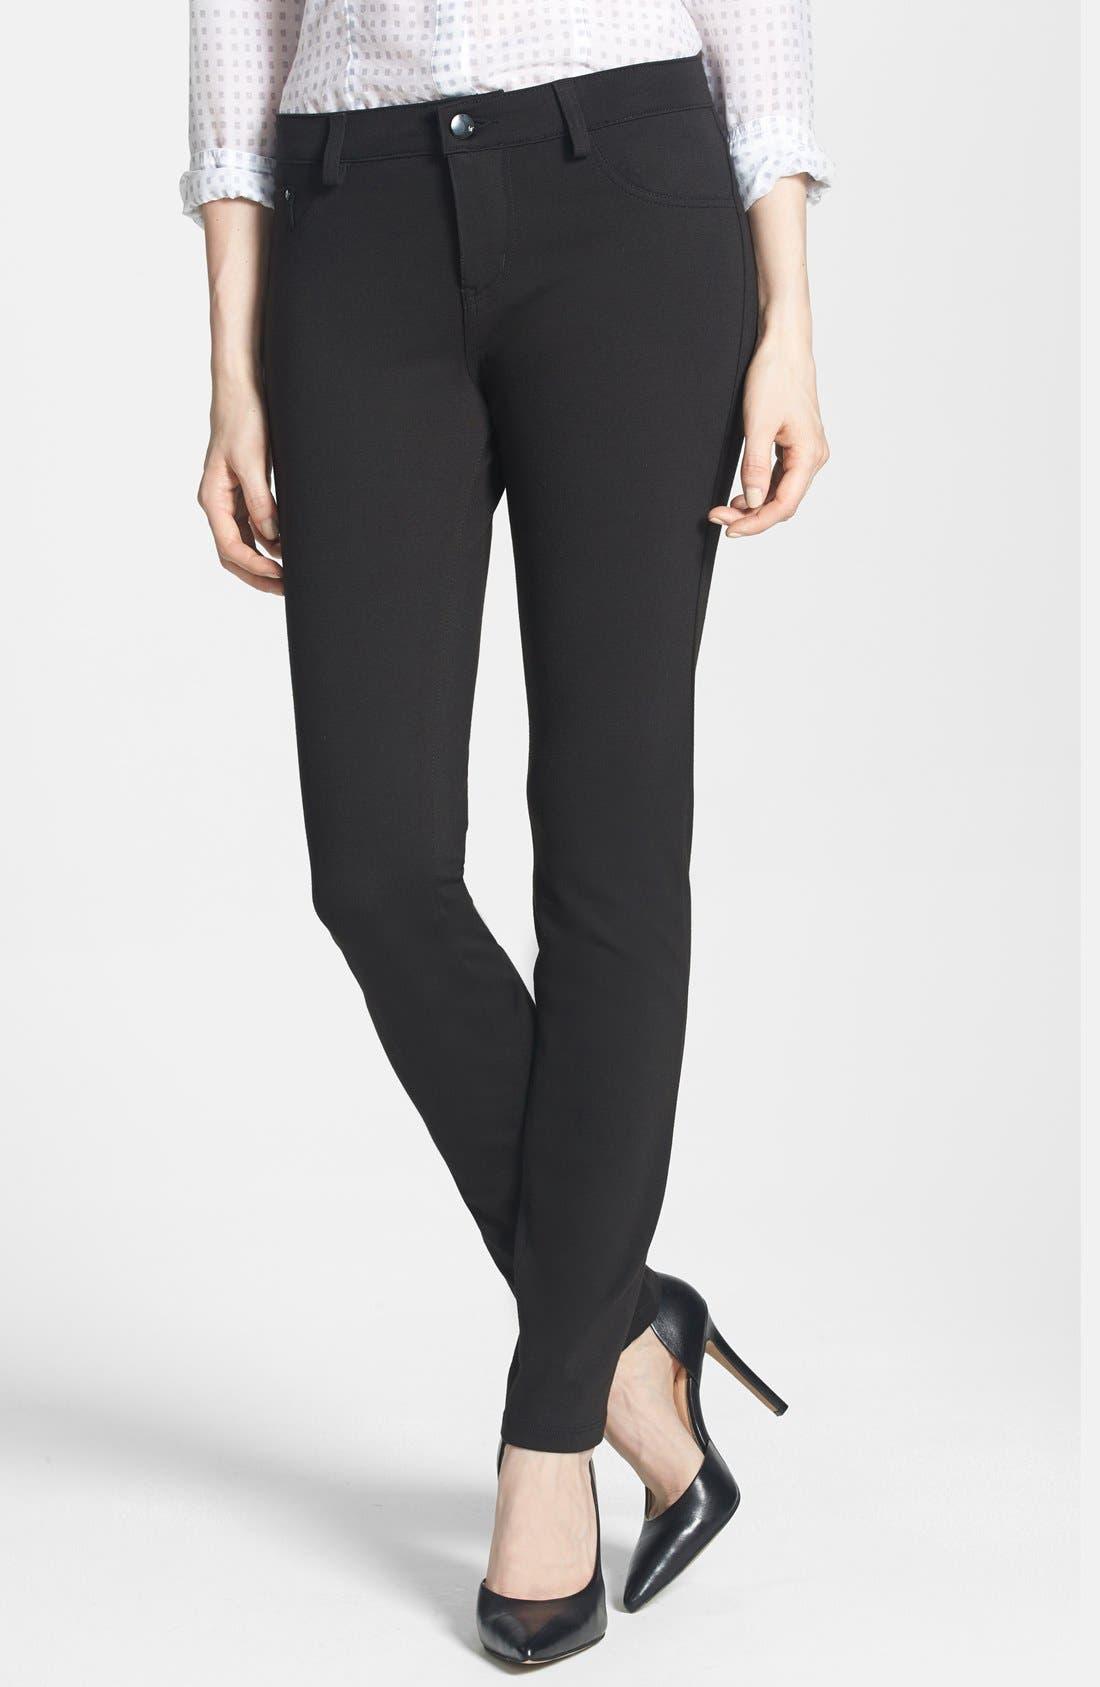 Alternate Image 1 Selected - !iT 'Lauren' Skinny Ponte Pants